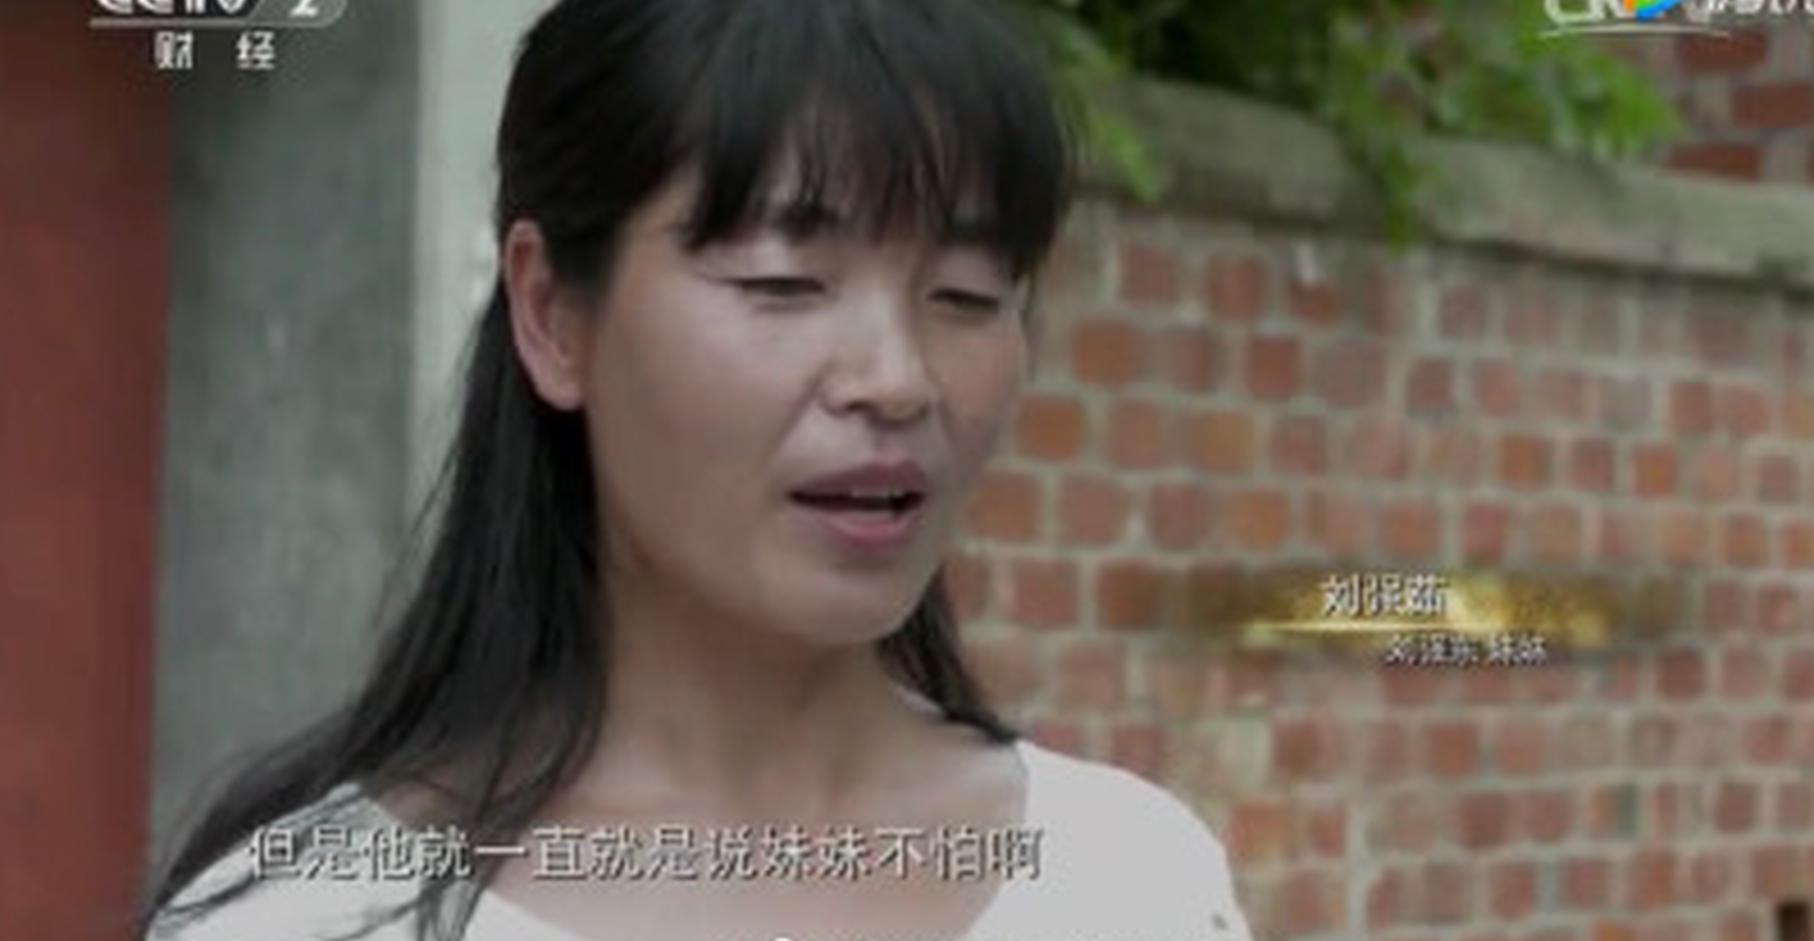 我要日妹妹网_关键词 : 刘强东妹妹去世 我要反馈             ,明星独家视频,音频